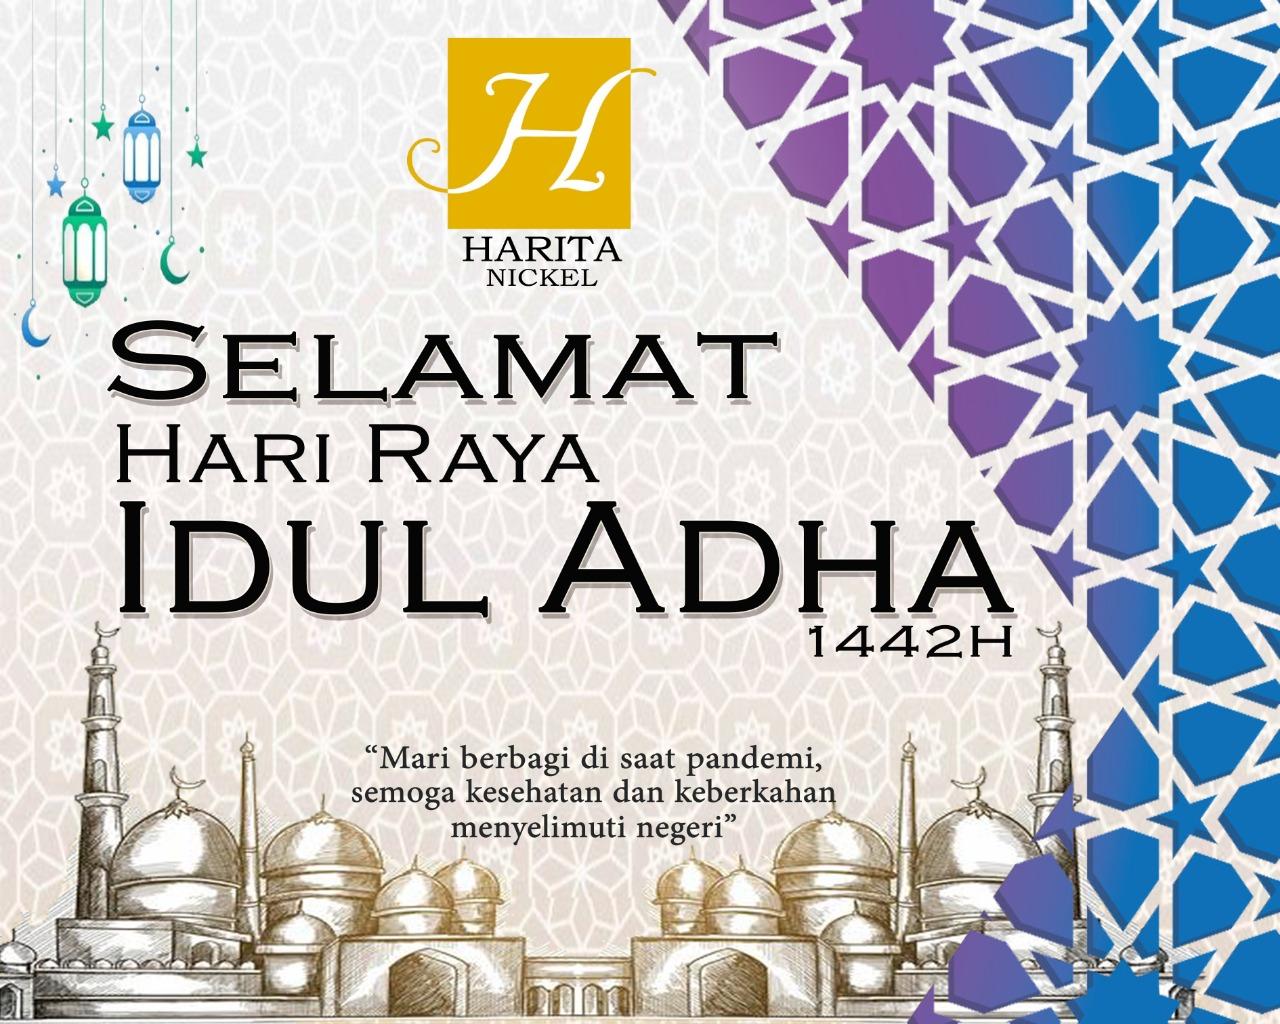 Harita Nickel Selamat Hari Raya Idul Adha